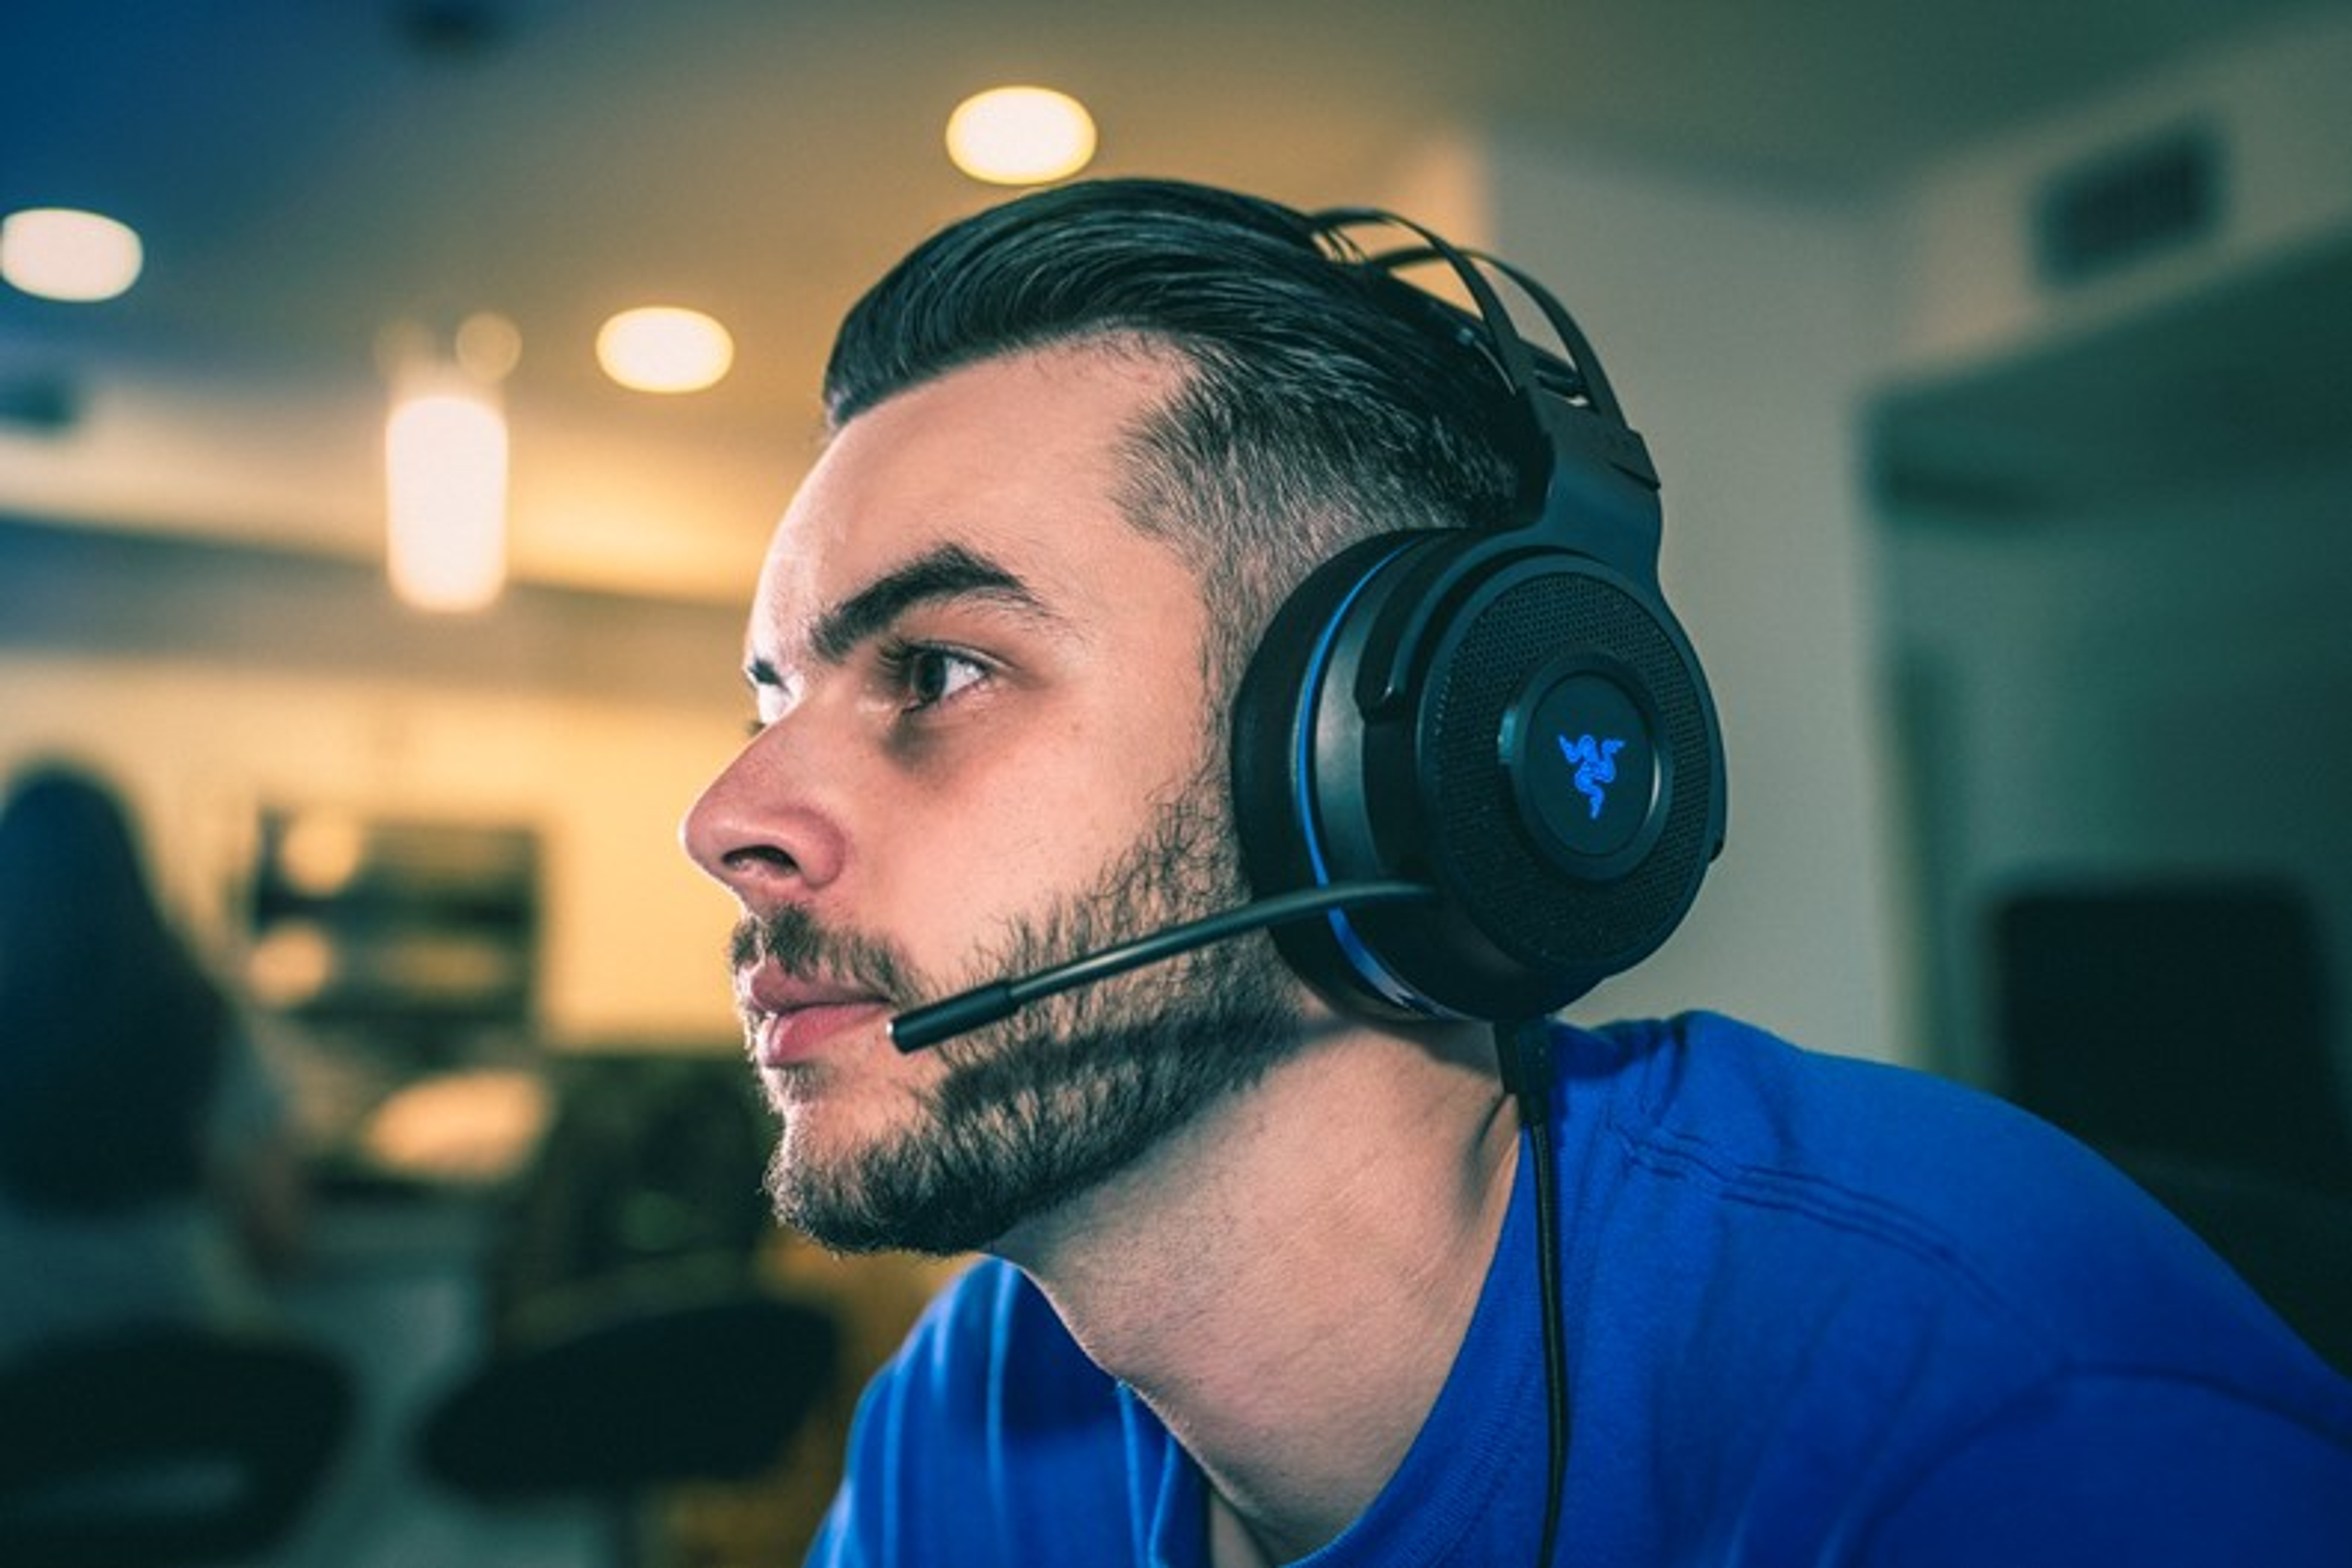 Razer anuncia controles Raiju e headset Thresher para o PlayStation 4